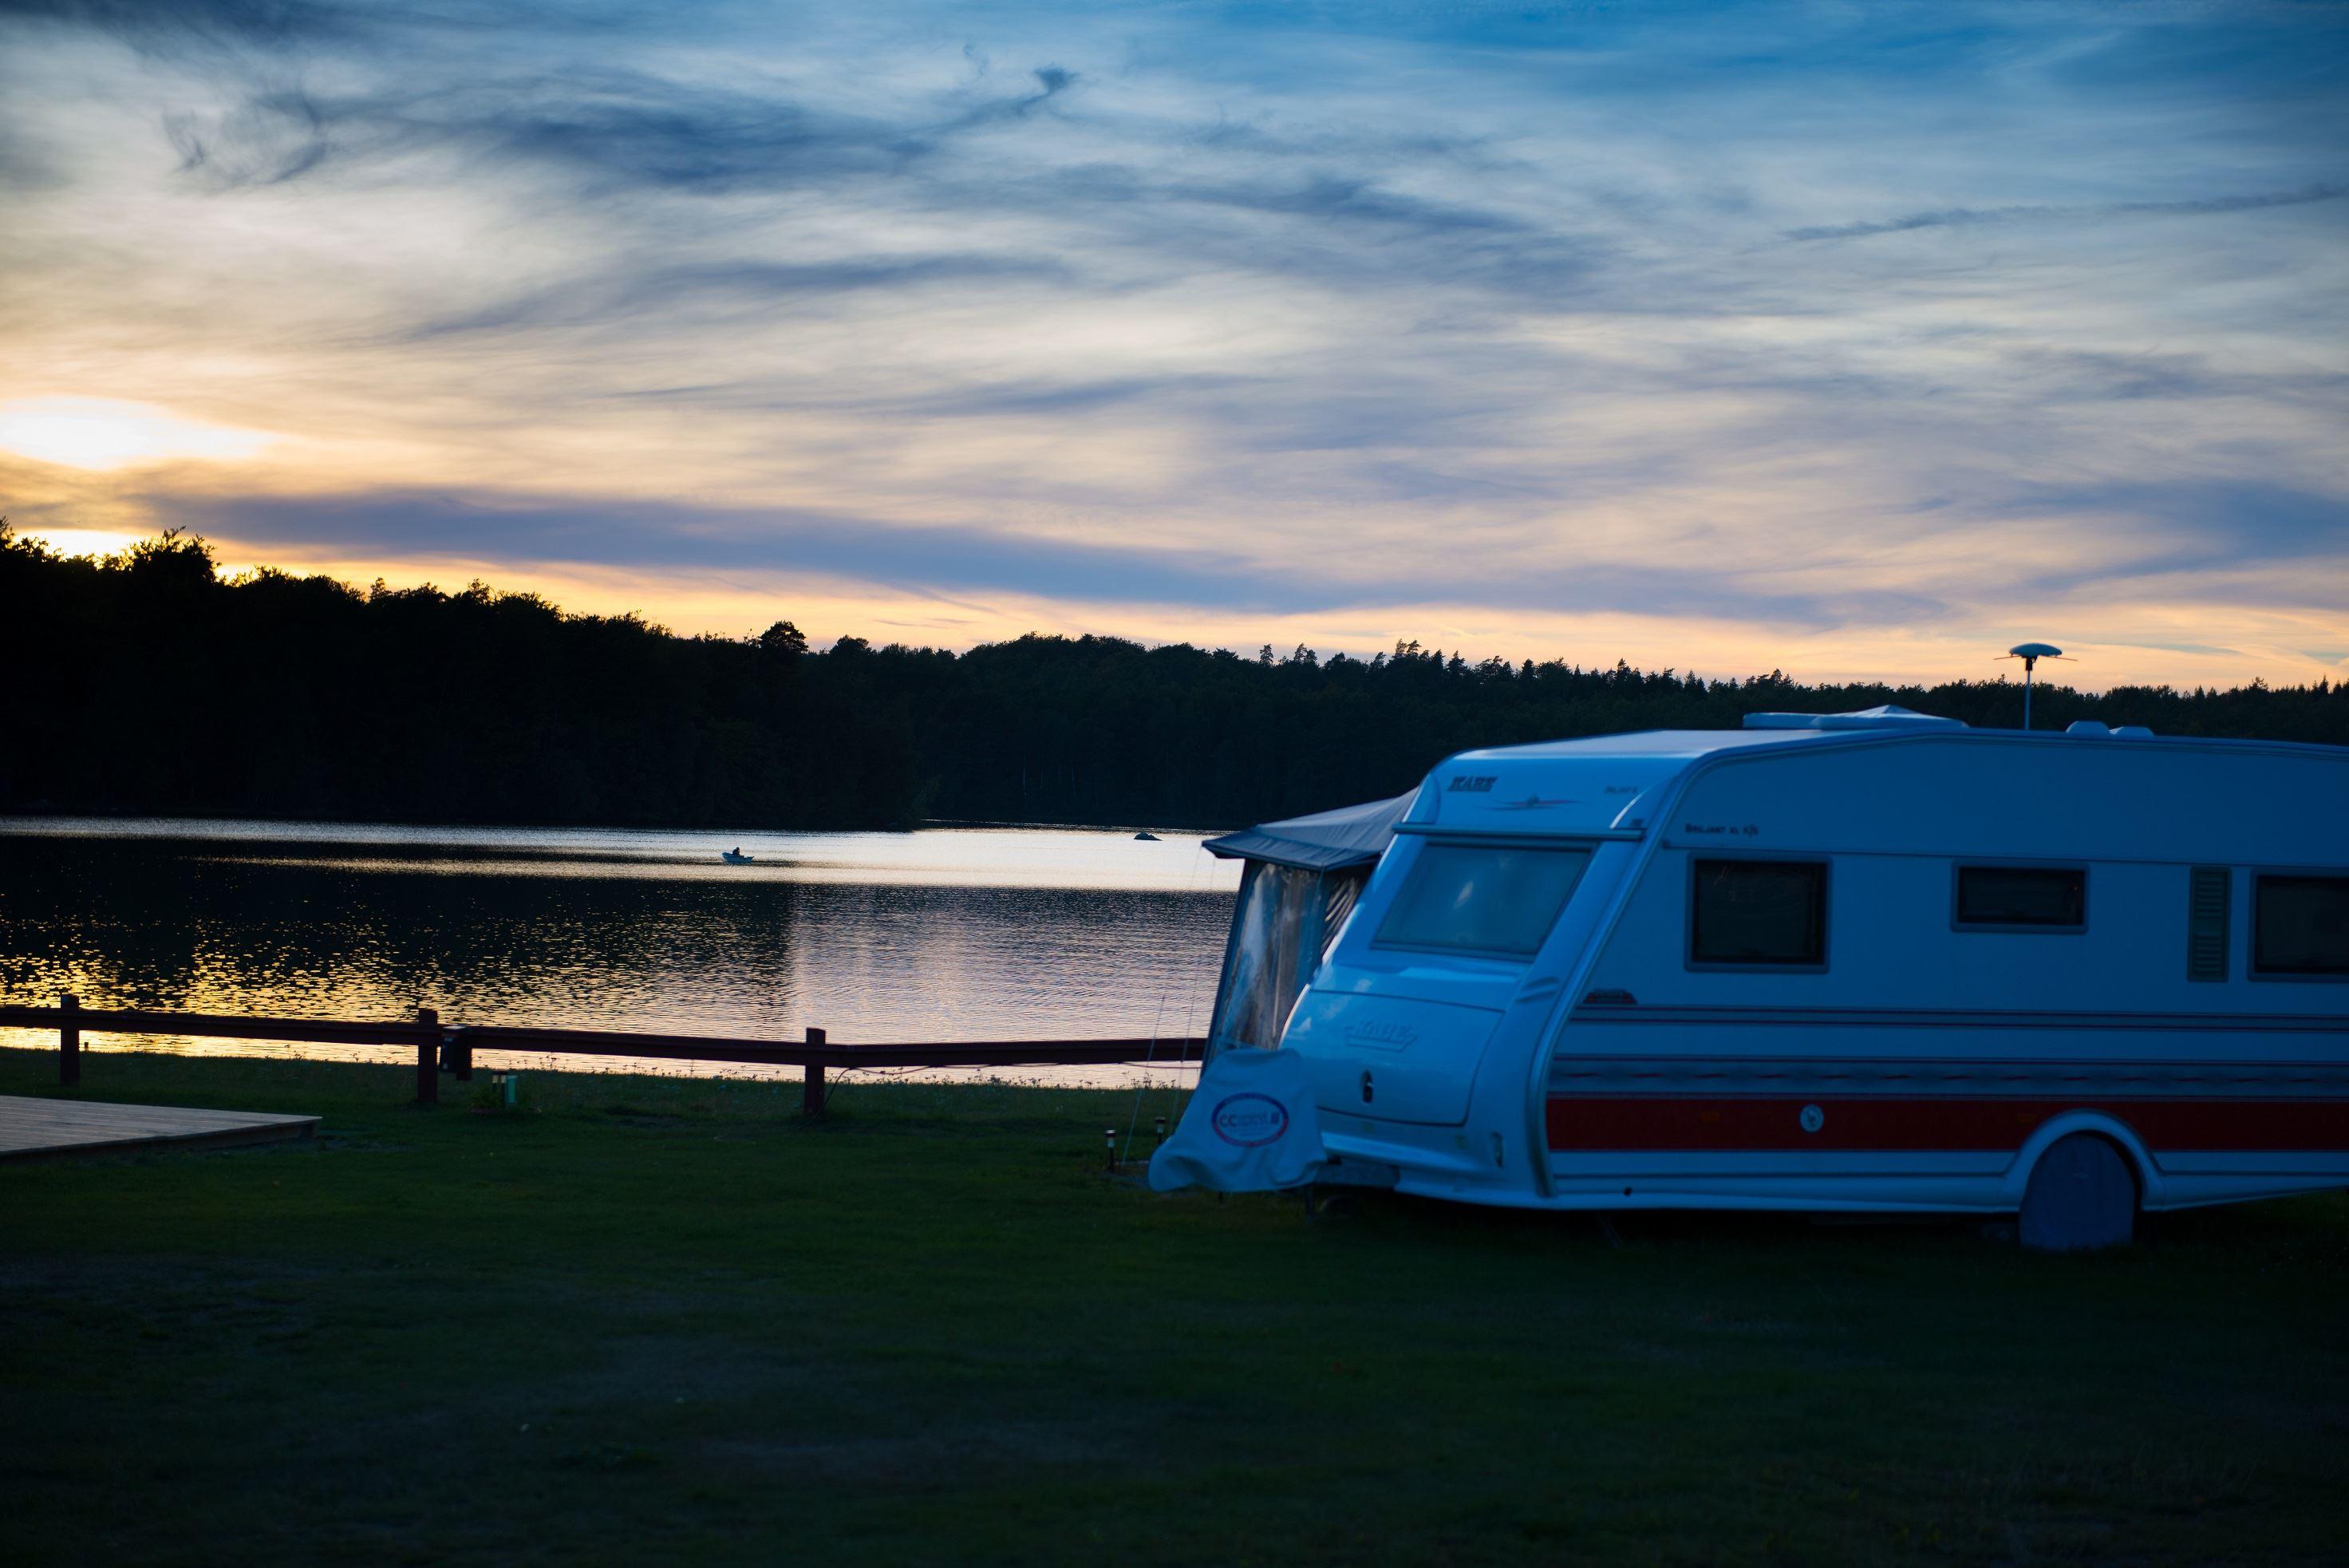 Halens Camping / Camping